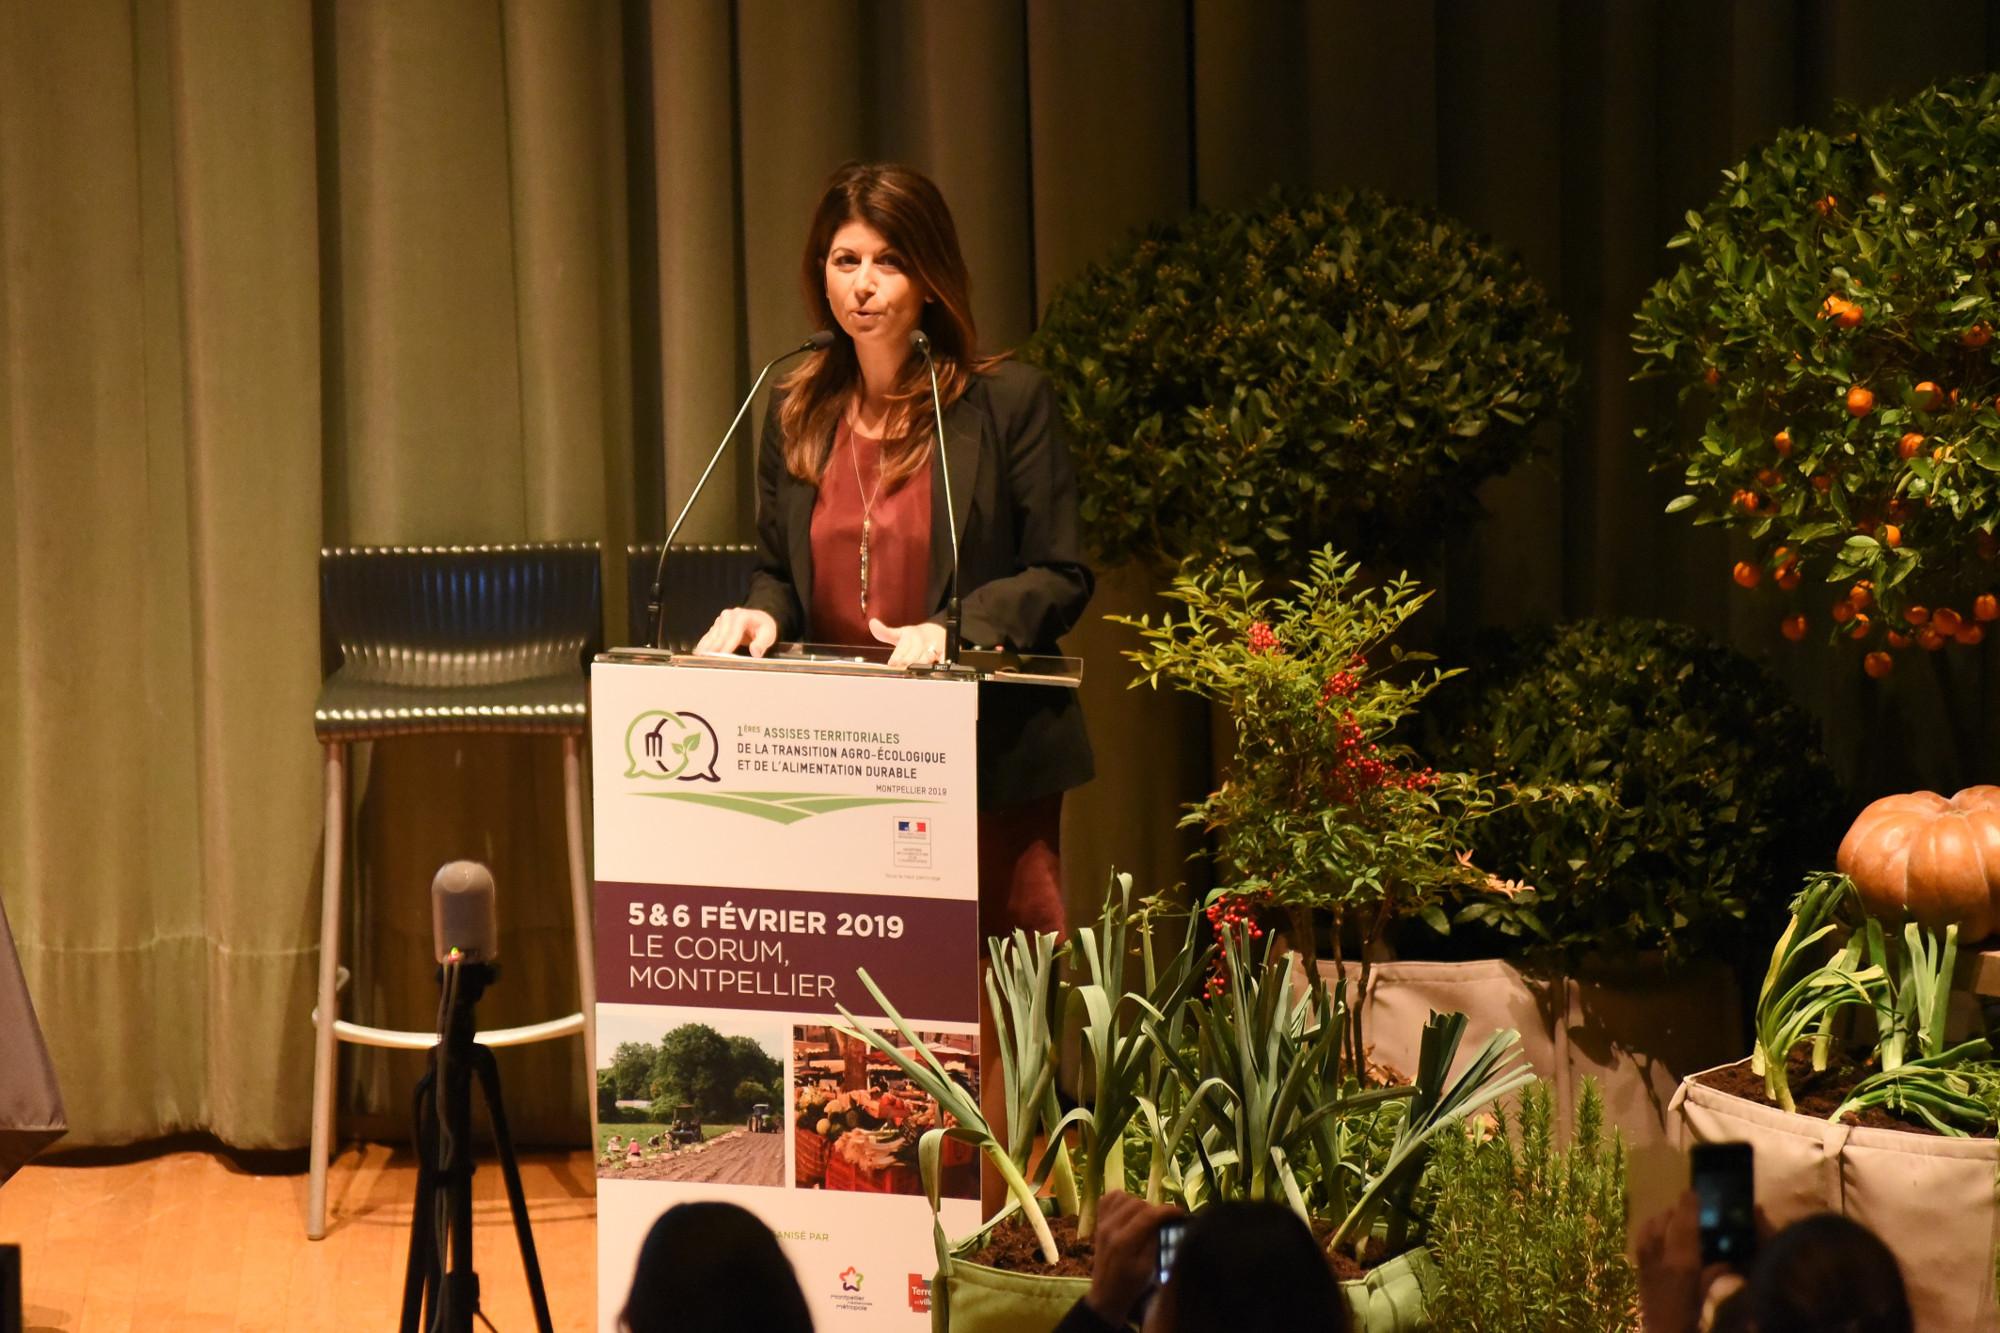 Mylène Fourcade, Vice-Présidente de Montpellier Méditerranée Métropole en charge de l'agroécologie et de l'alimentation